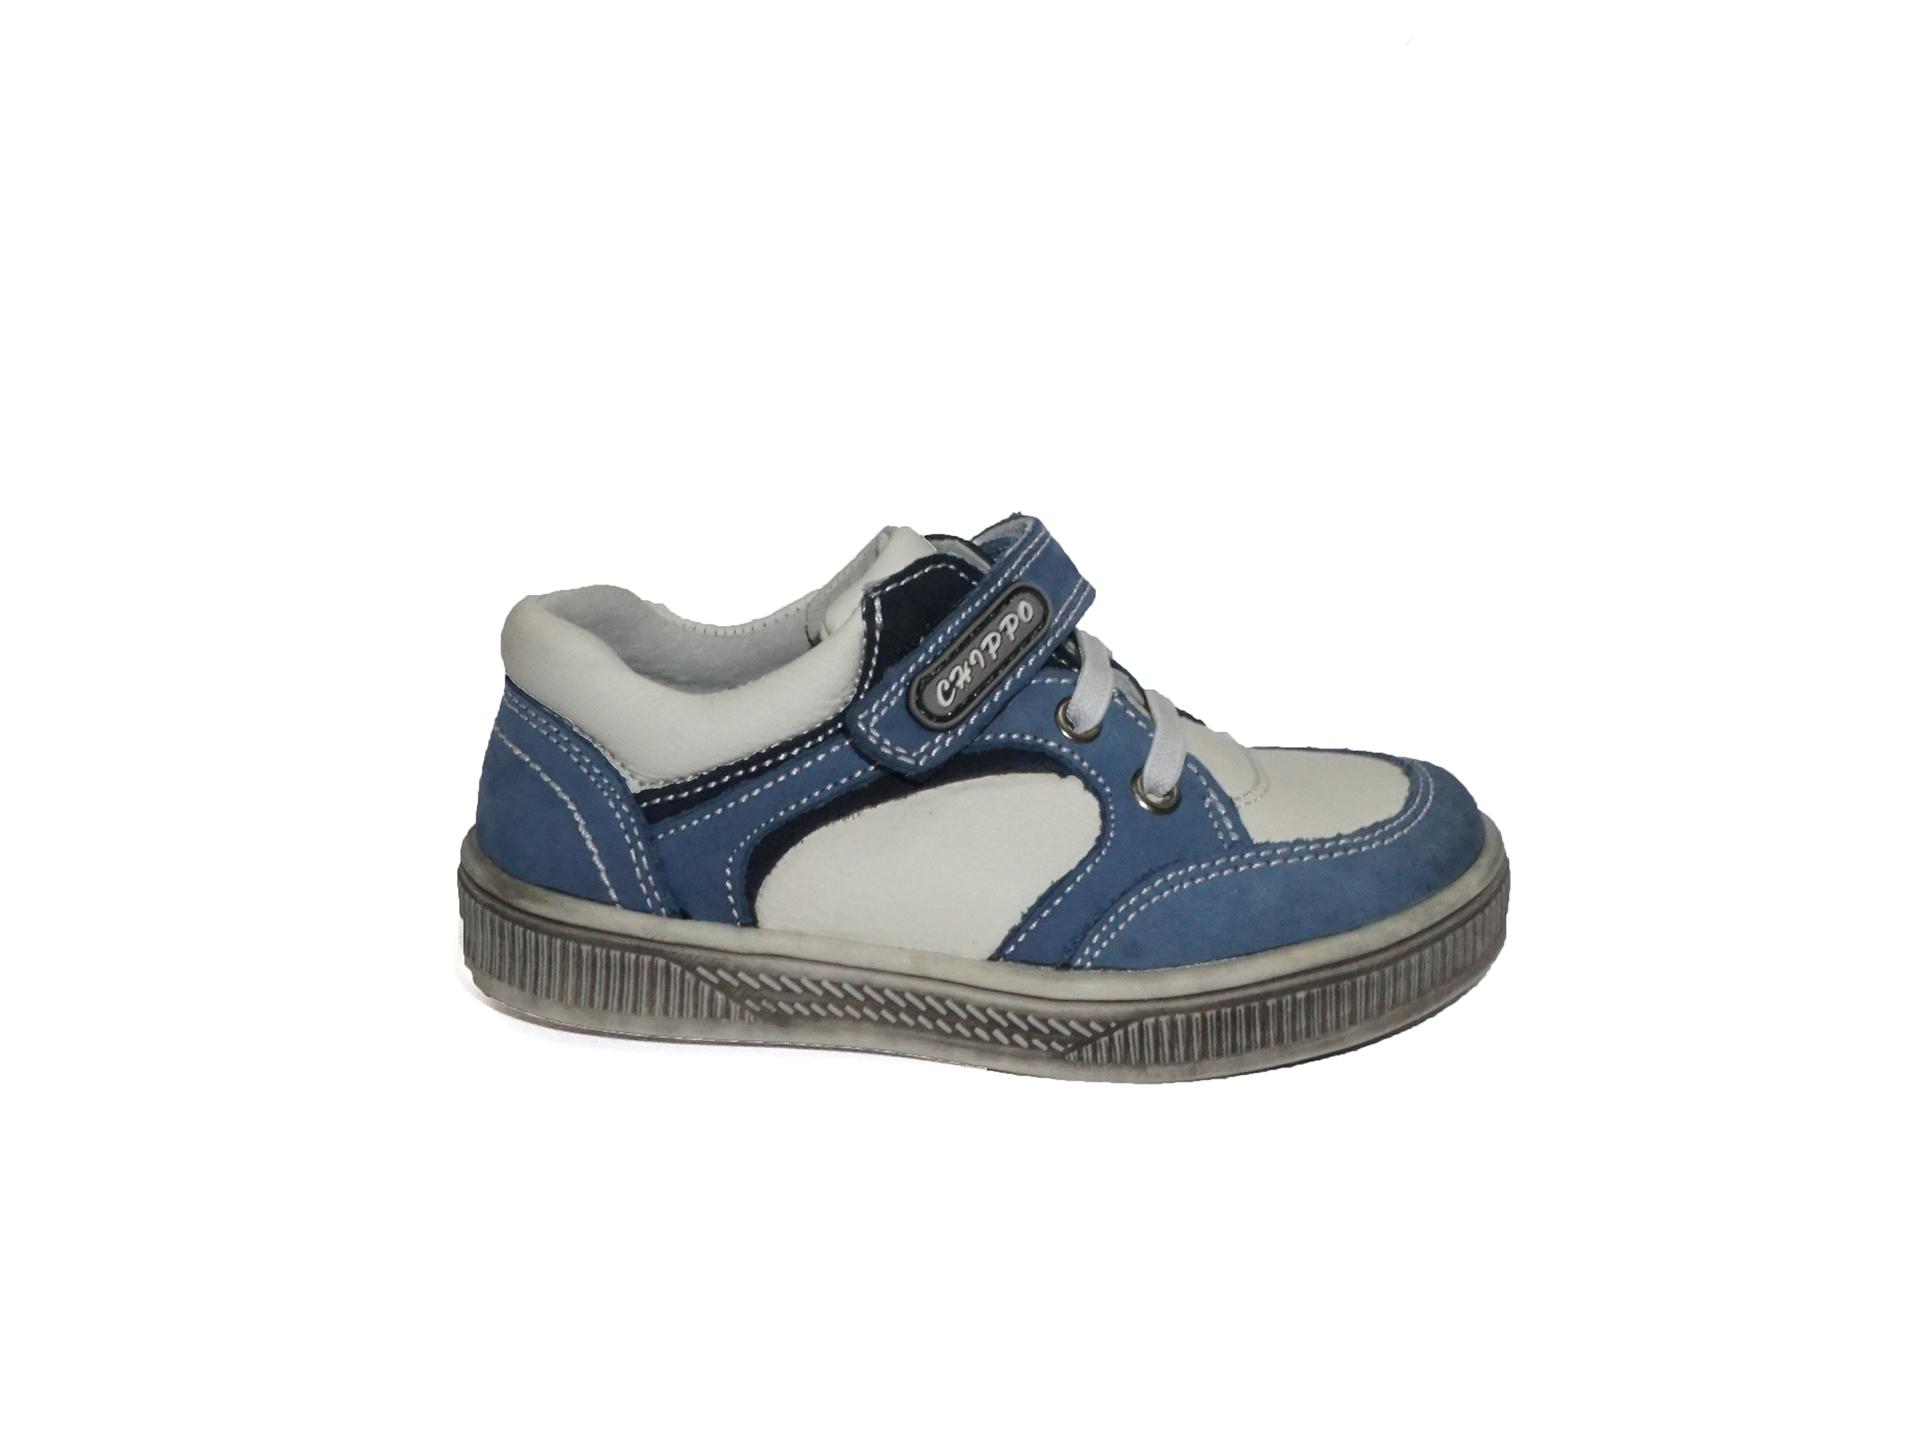 1665c86670d Детски обувки CHIPPO | Обувки - Детски, дамски и мъжки обувки